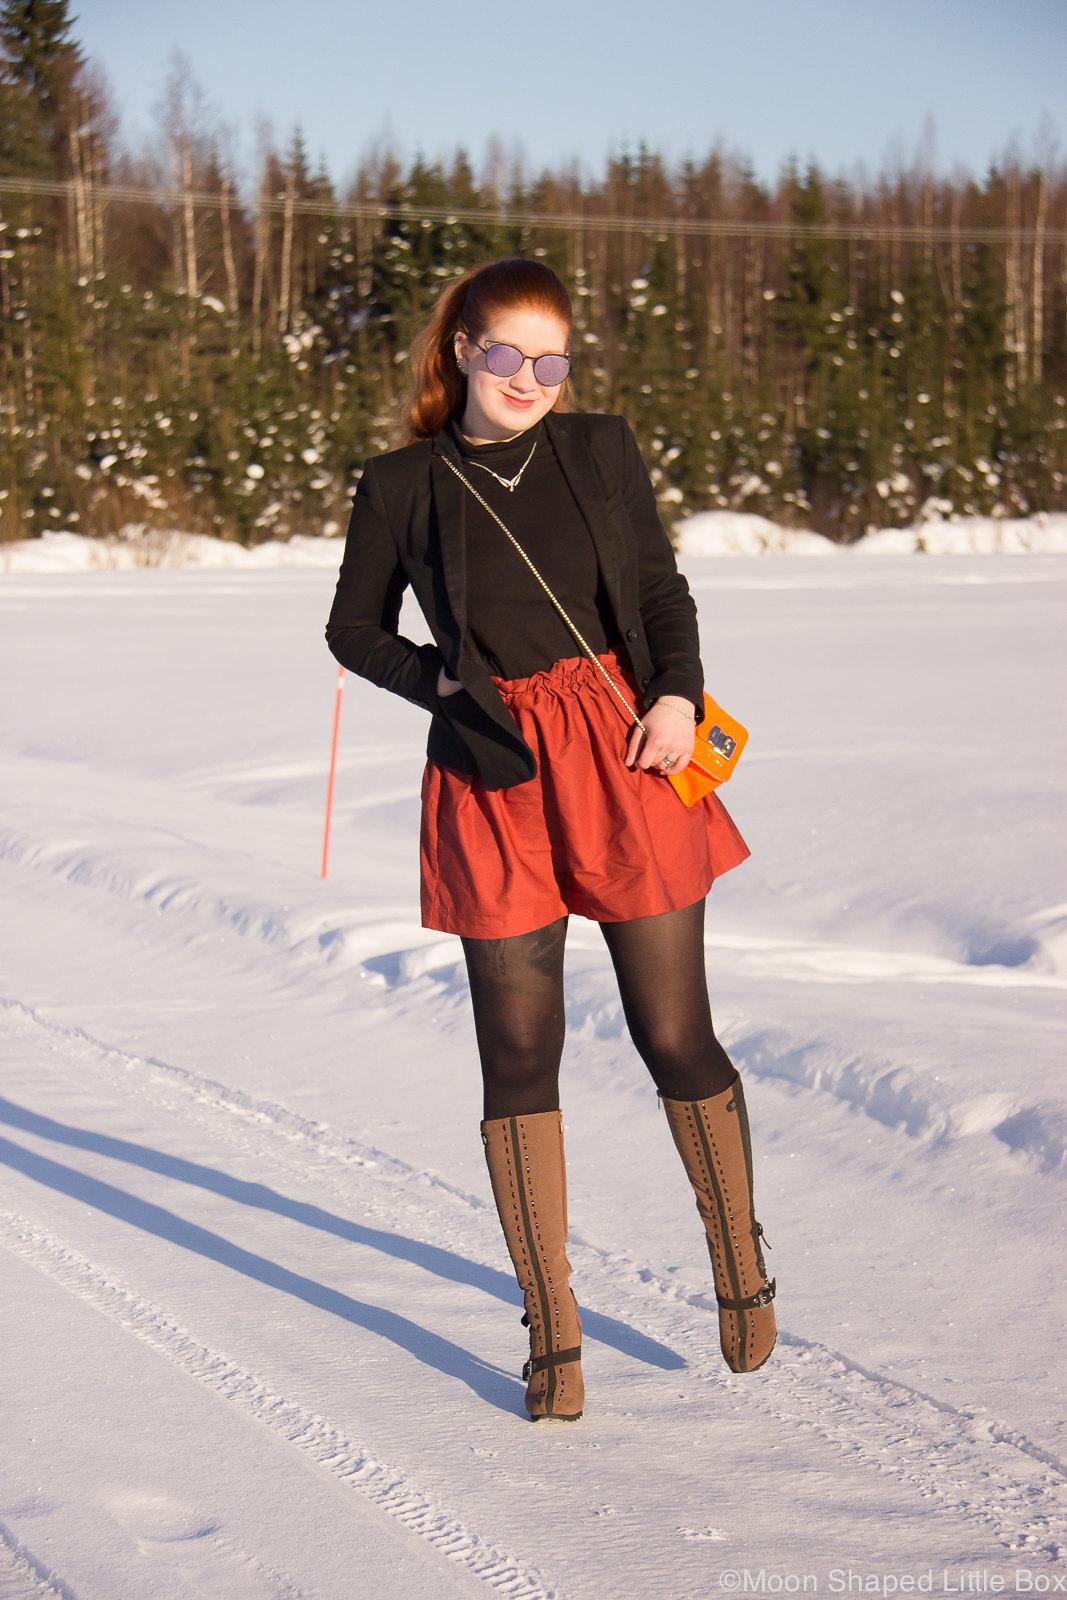 tyylibloggaaja, suomalainen tyyliblogi, päivän asu, poolopaidan yhdistäminen